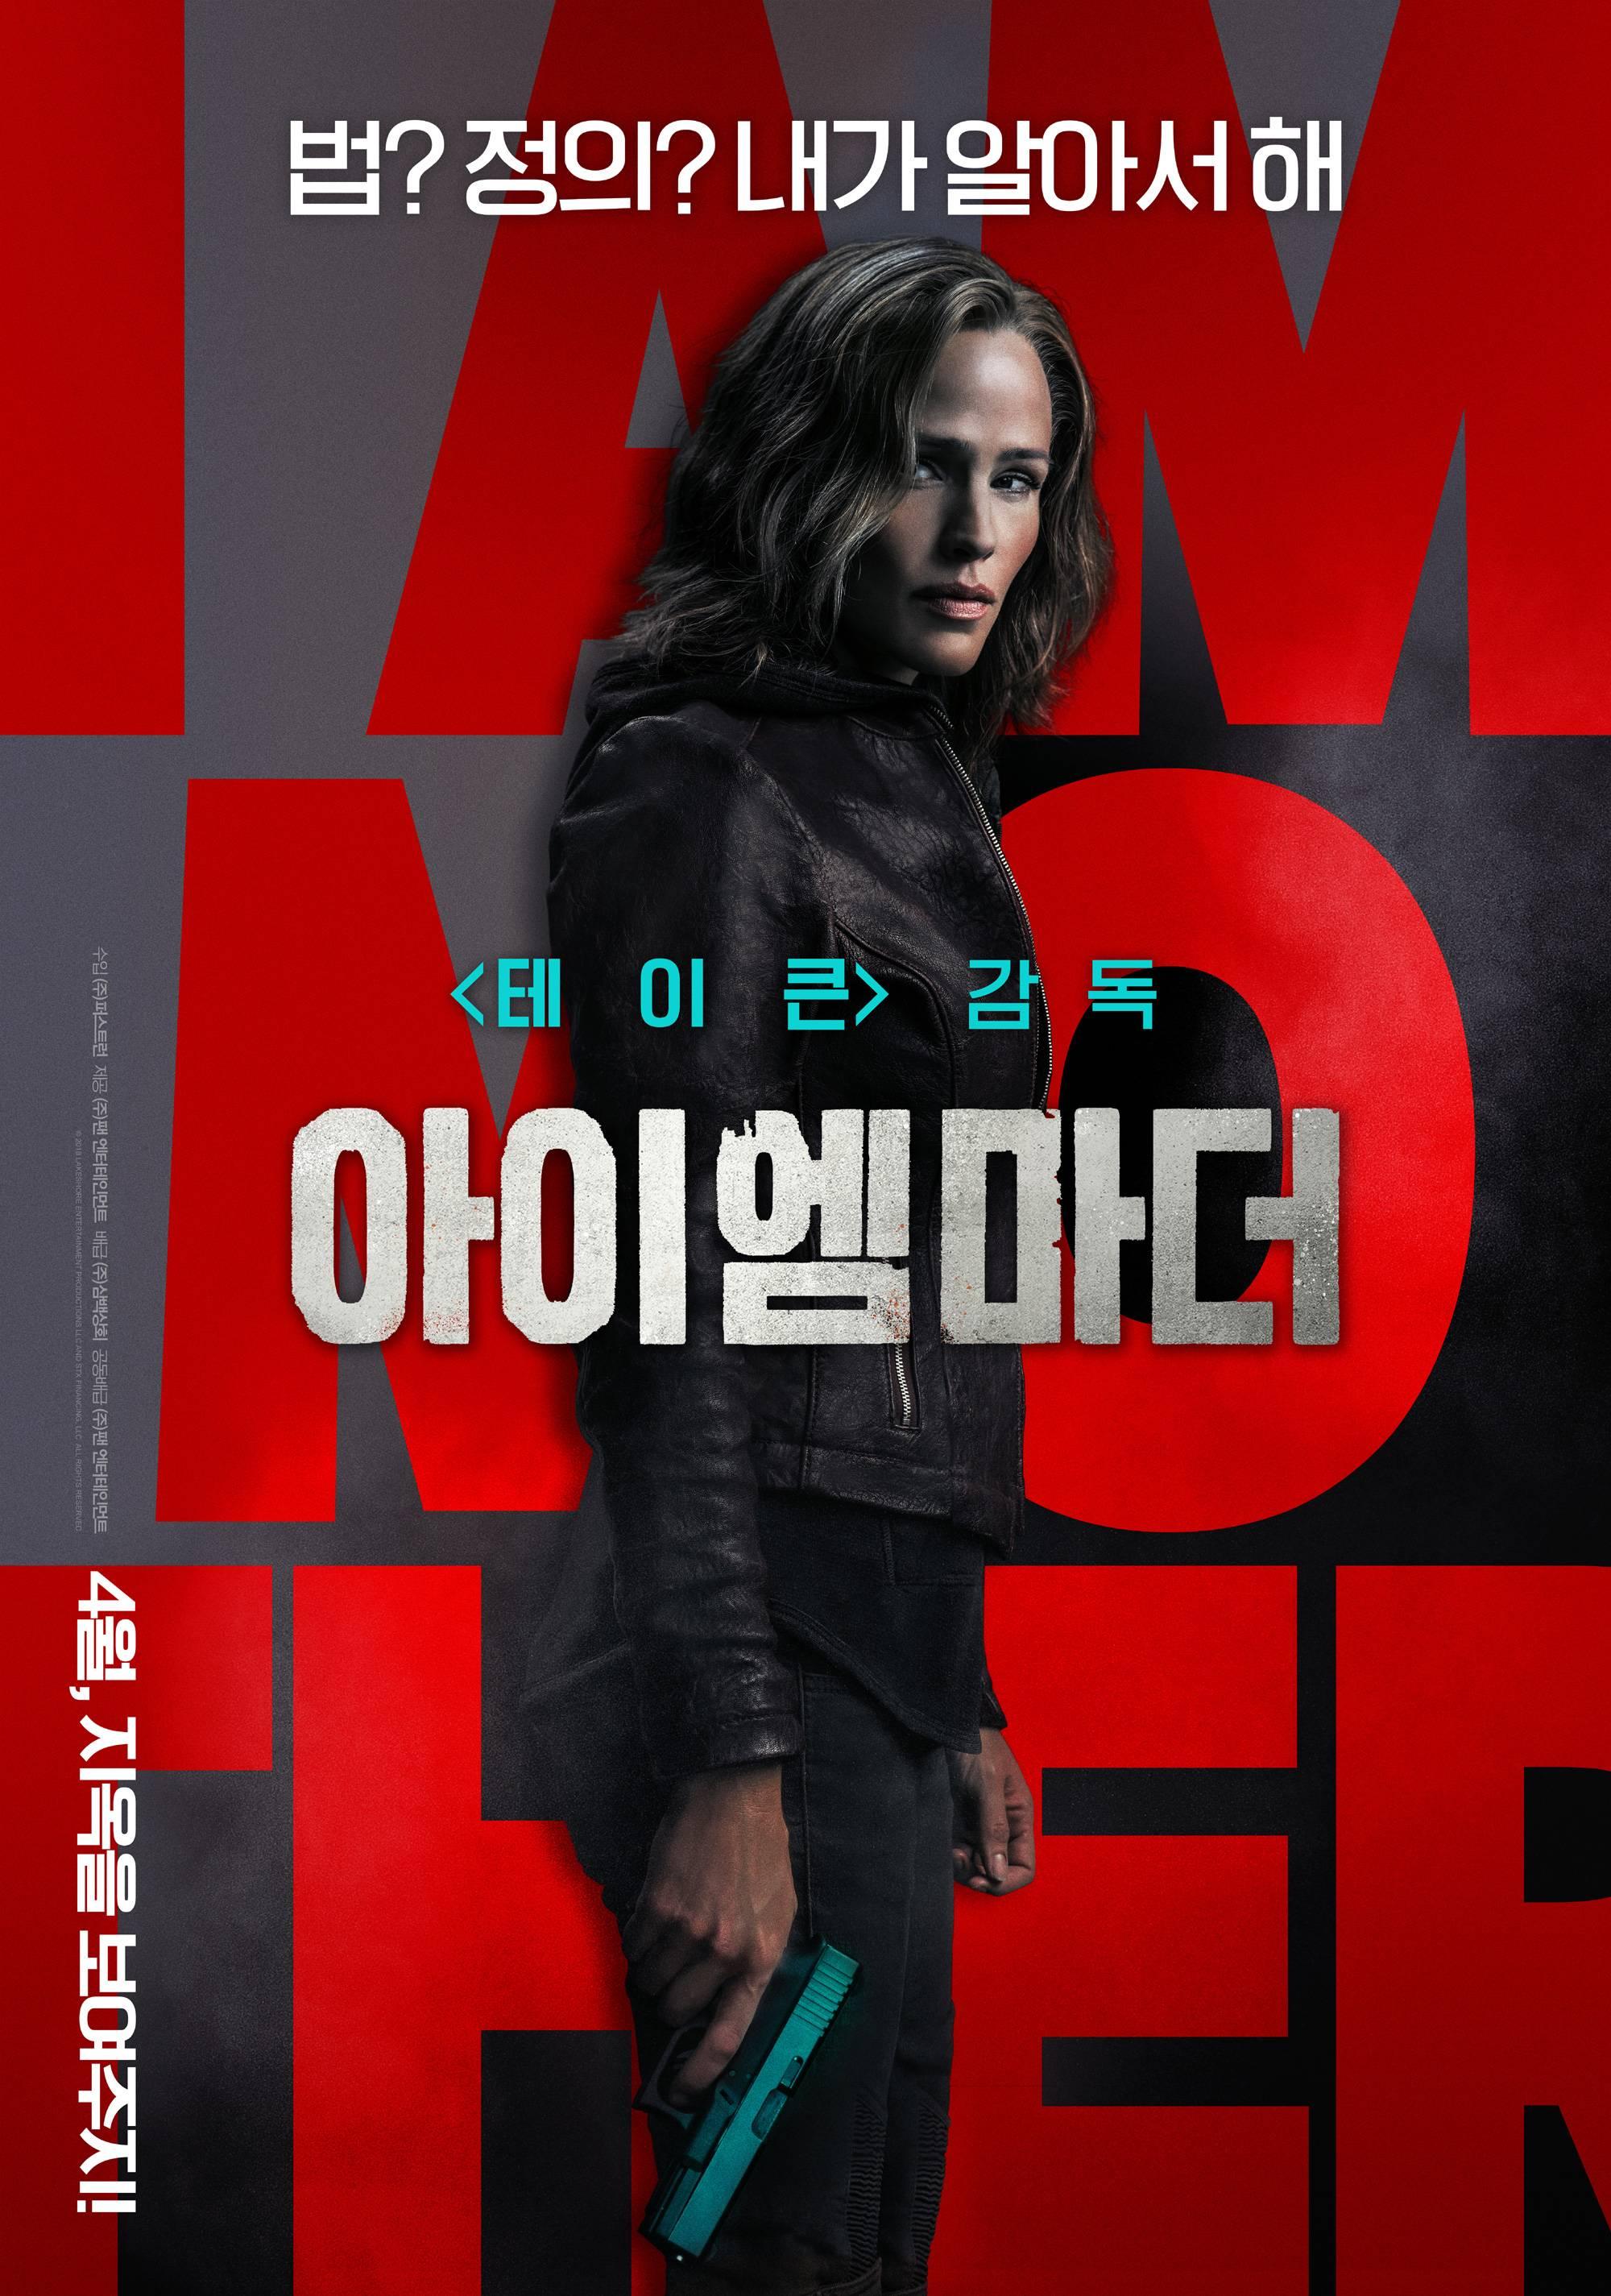 영화 '아이 엠 마더' 예매권 이벤트에 회원 여러분을 초대합니다 | 인스티즈